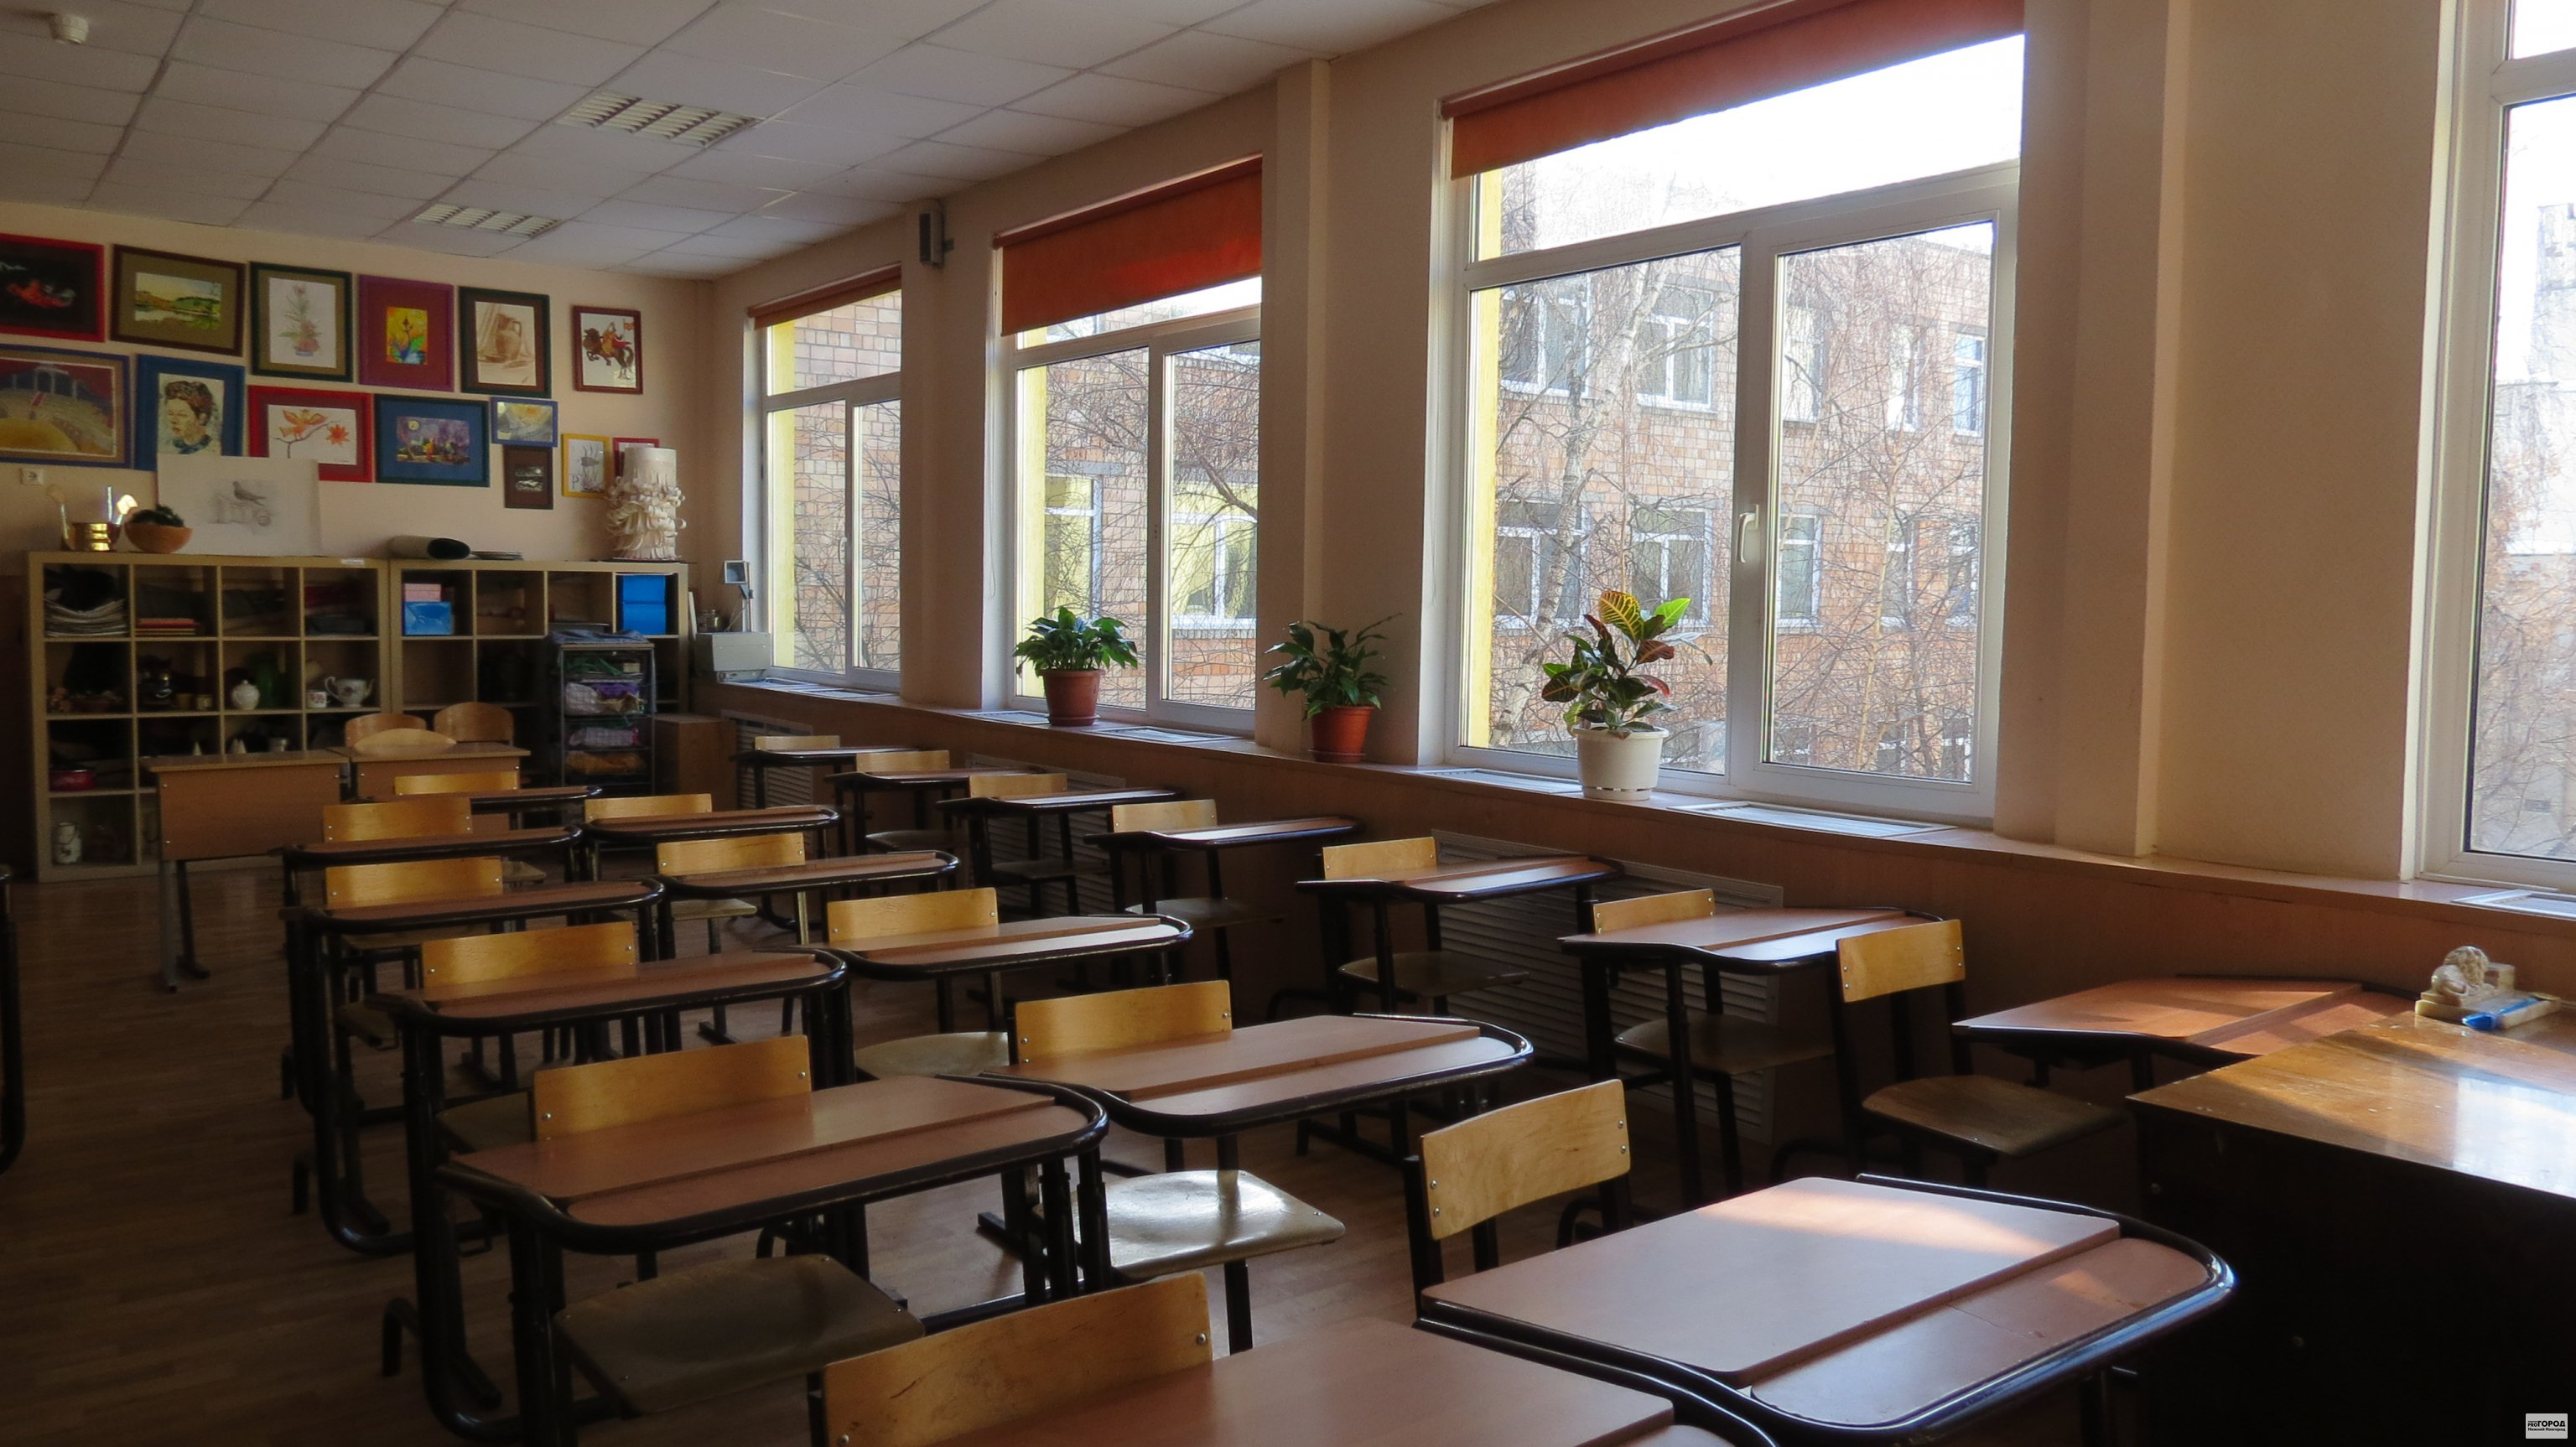 По факту гибели 8-летней девочки в нижегородской школе возбуждено уголовное дело 16+